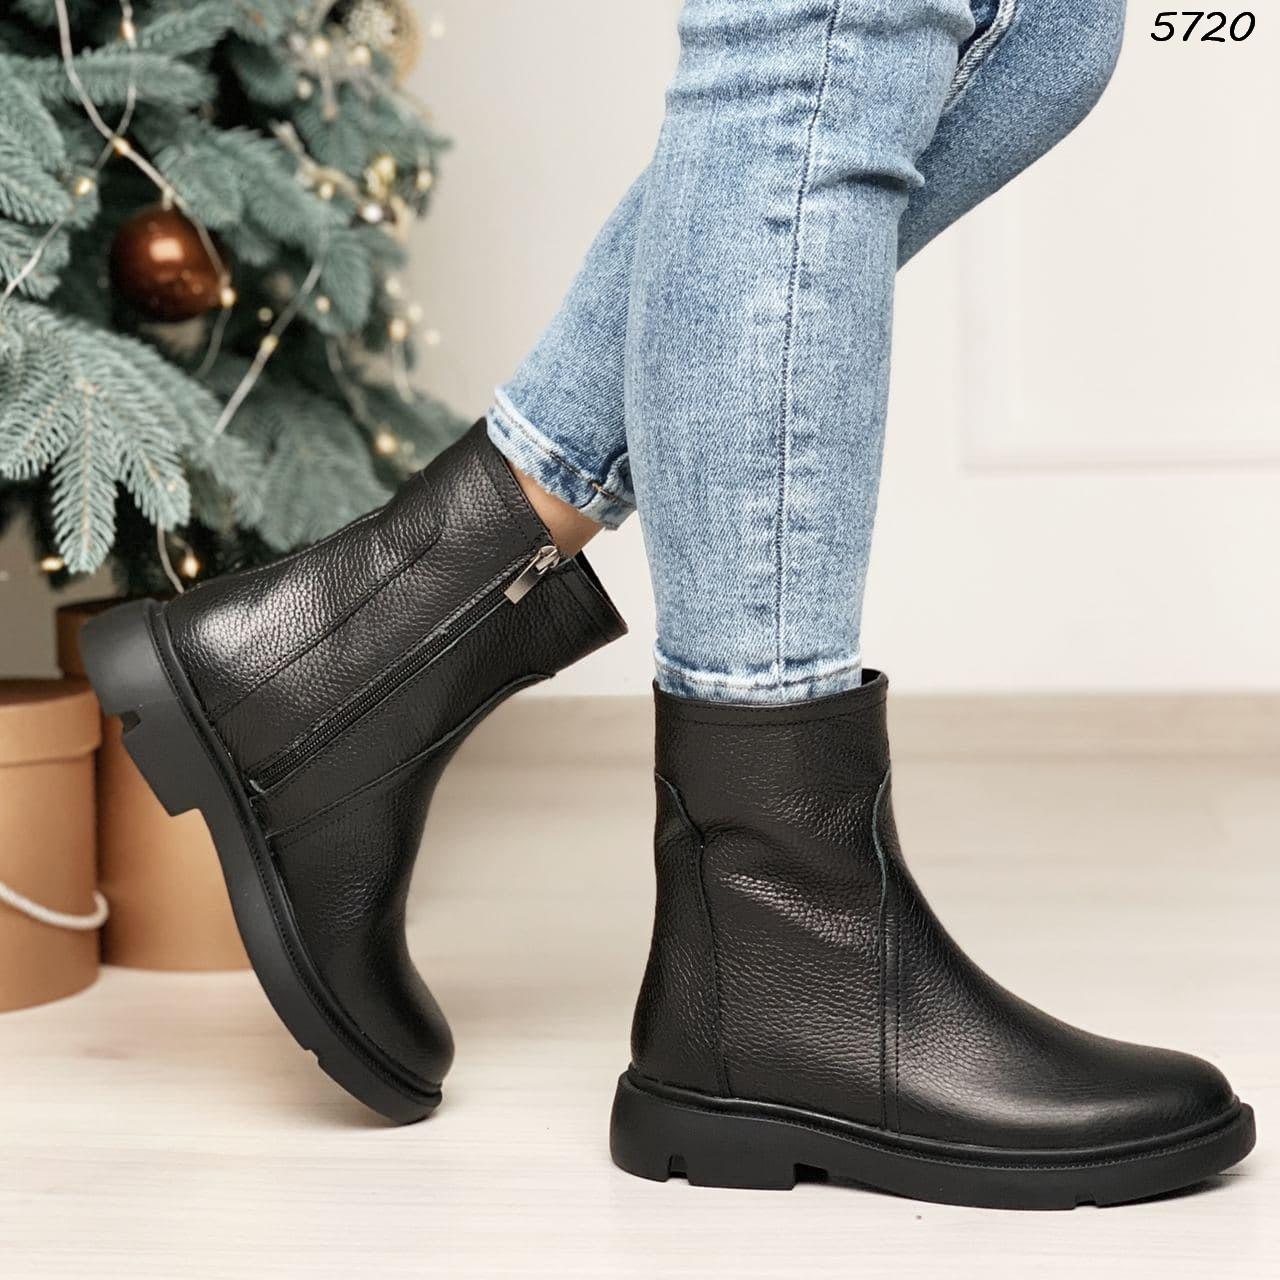 Ботинки женские зимние 5720